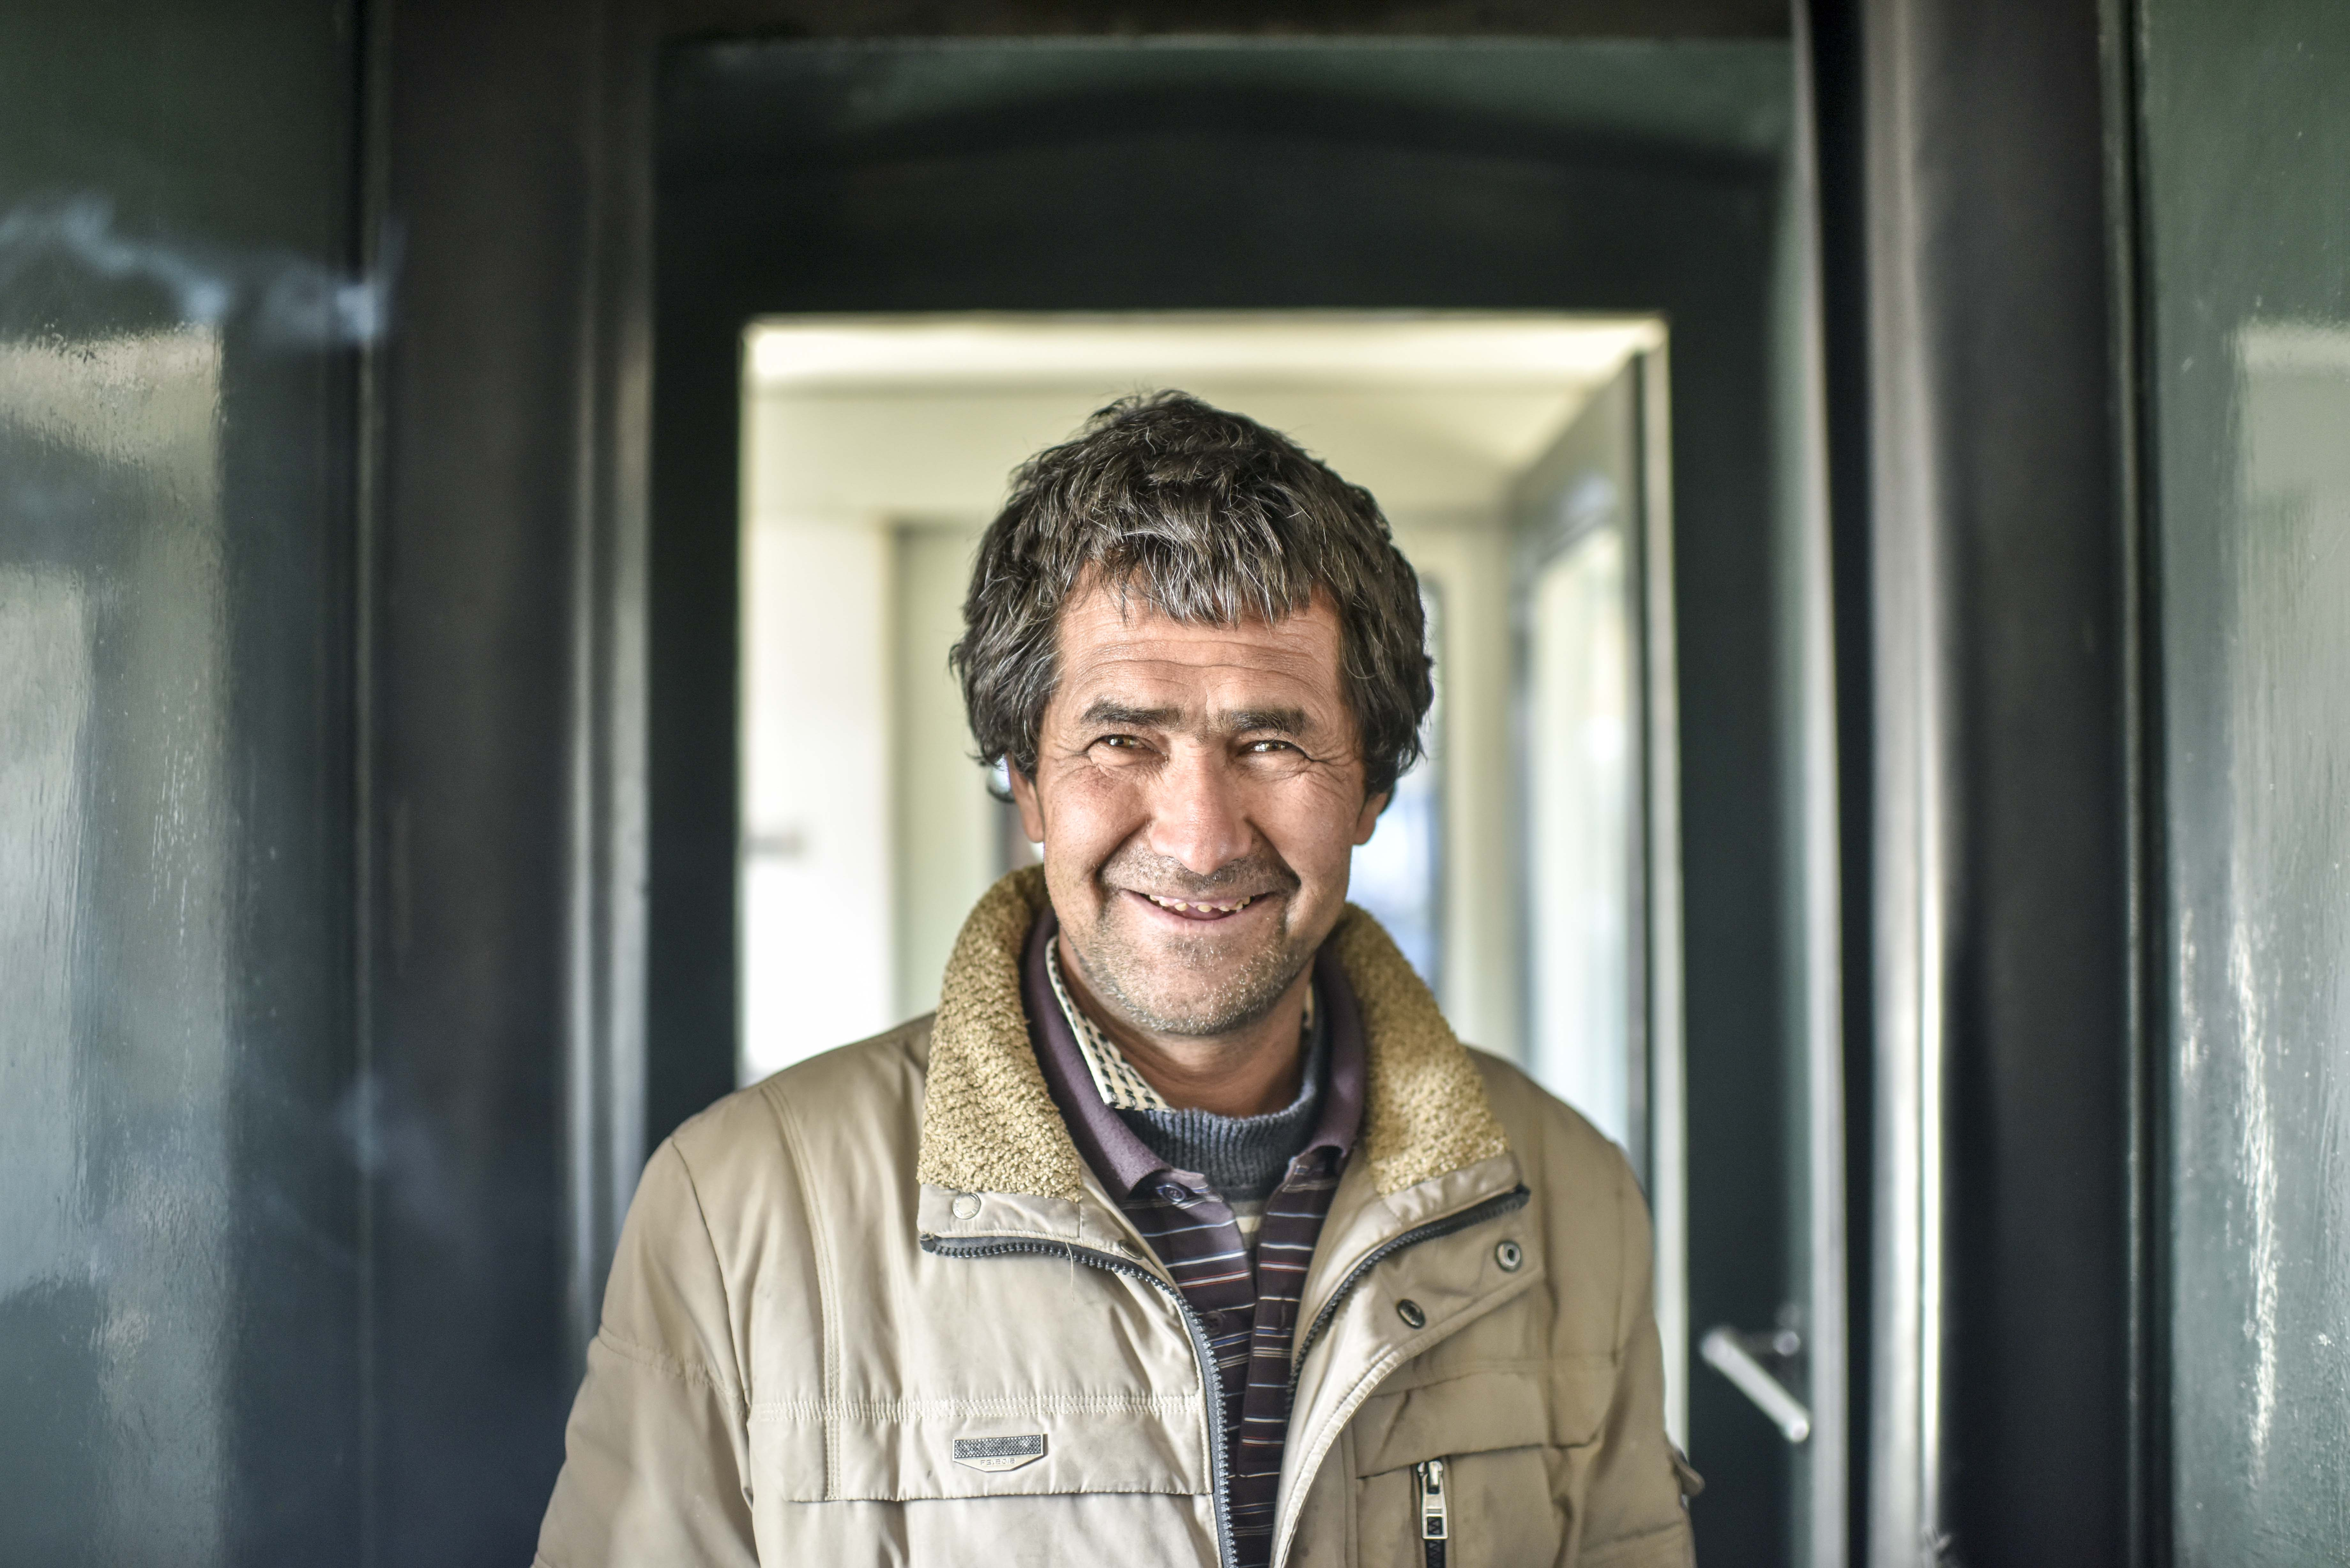 家住和田地区皮山县的赛迪艾合买提·克齐科坐在由和田开往喀什的5810次列车上(11月25日摄)。今年他坐火车前往阿克苏地区拾棉花,在三个月的拾花季里,收入一万多元,这超过了他原先一年的收入。